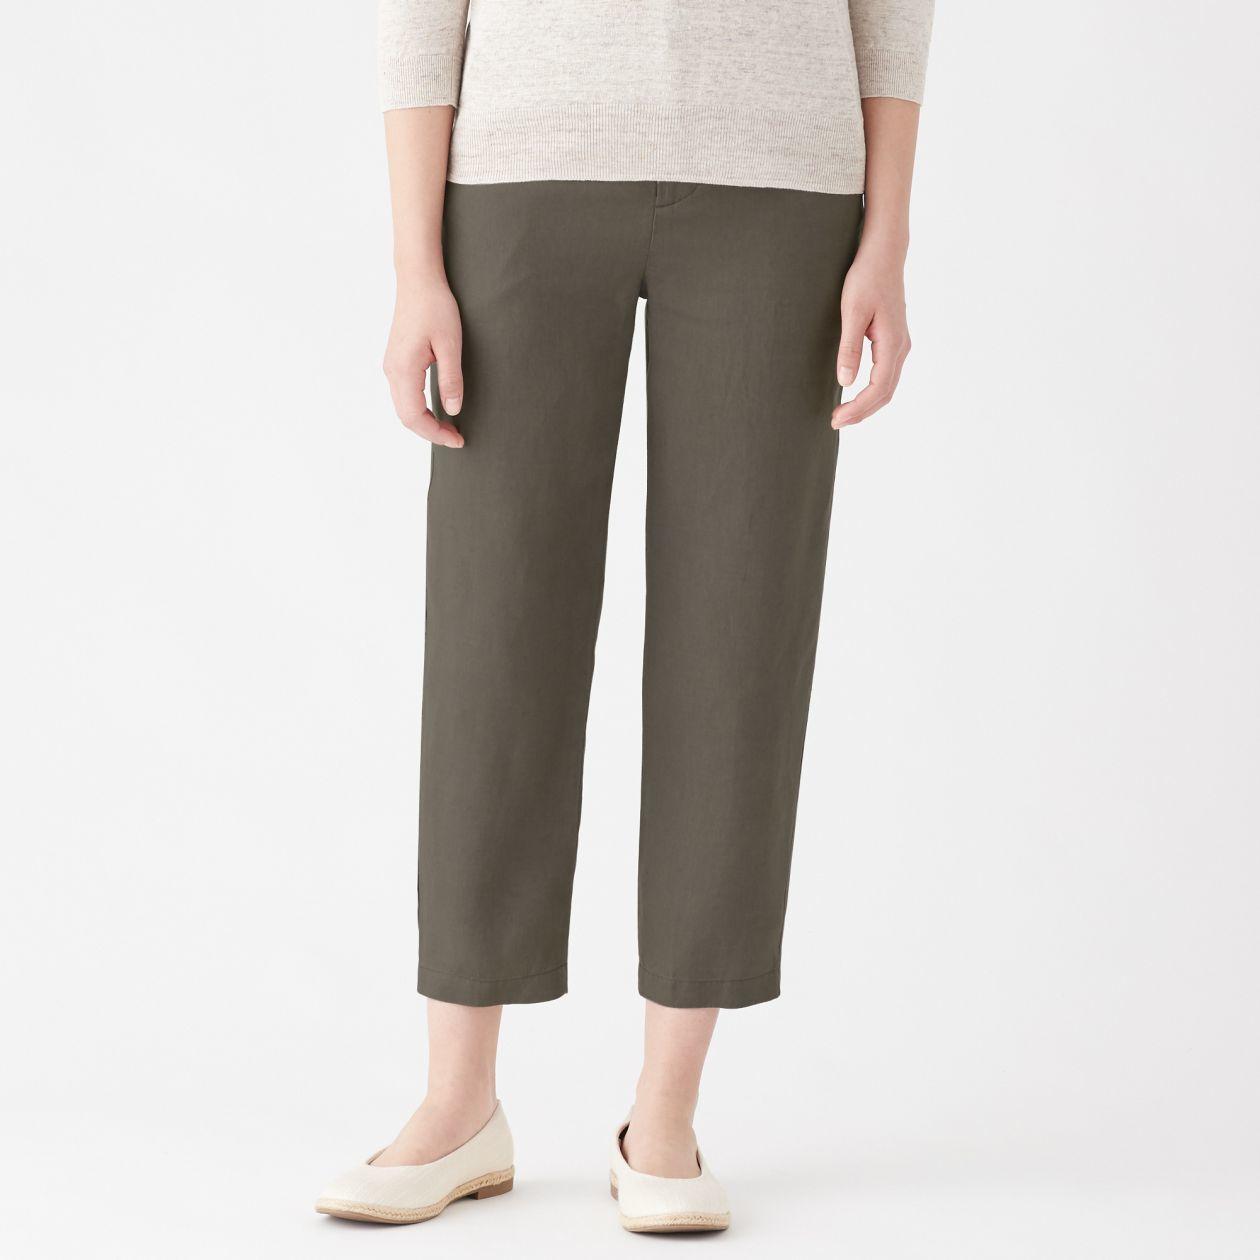 舒適透氣的法國亞麻褲是MUJI無印良品2019上半年服飾類的熱銷冠軍。圖/無印良...